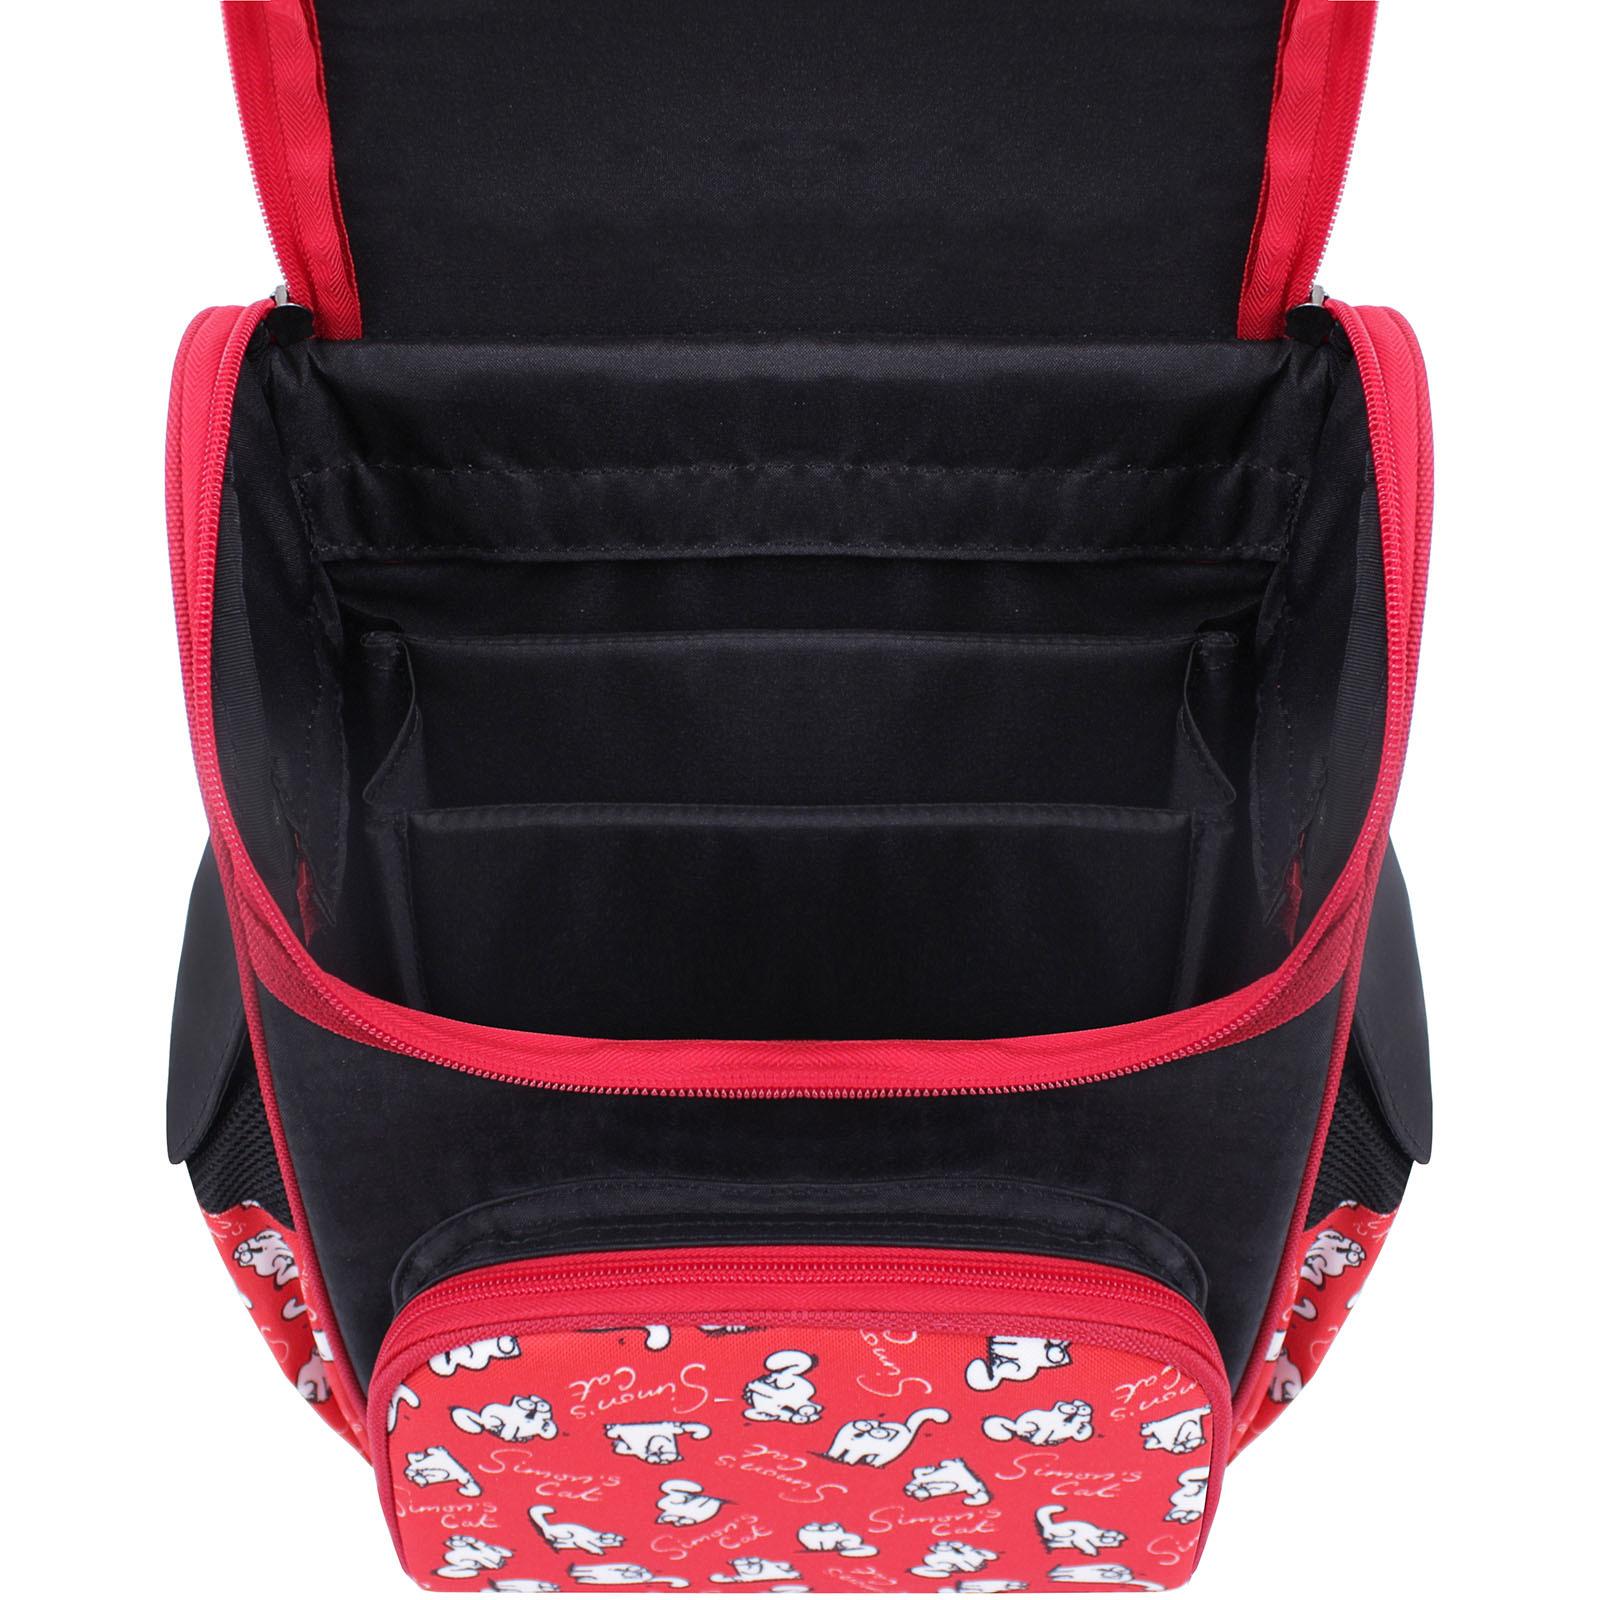 Рюкзак школьный каркасный Bagland Успех 12 л. Черный 372 (00551702) фото 4